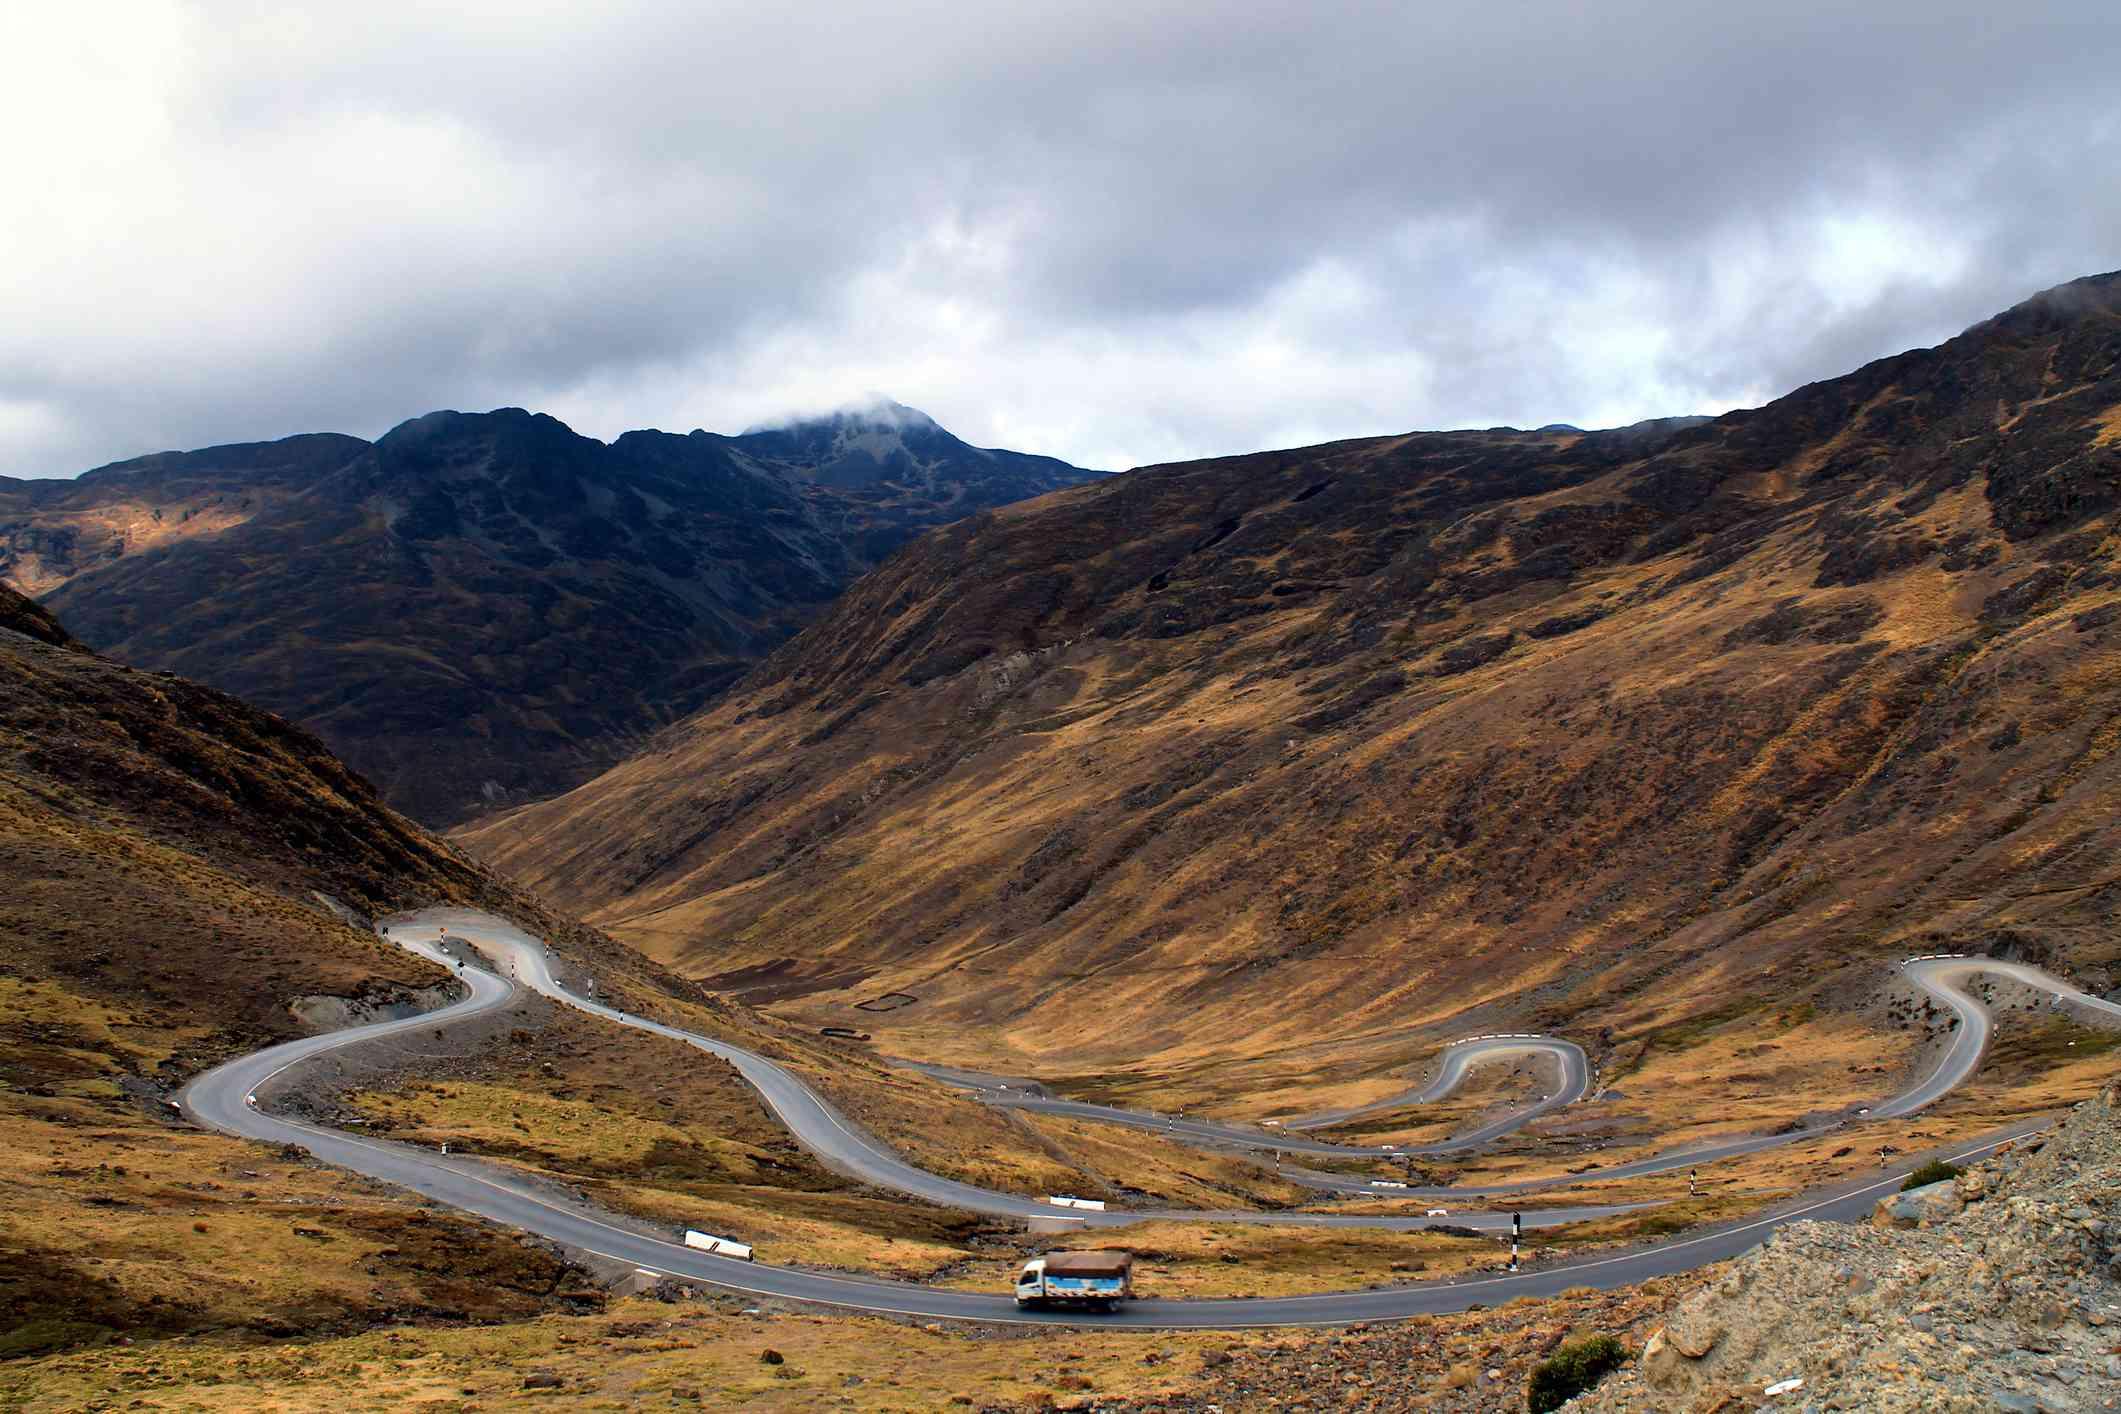 Truck on serpentine curvy road in Peru